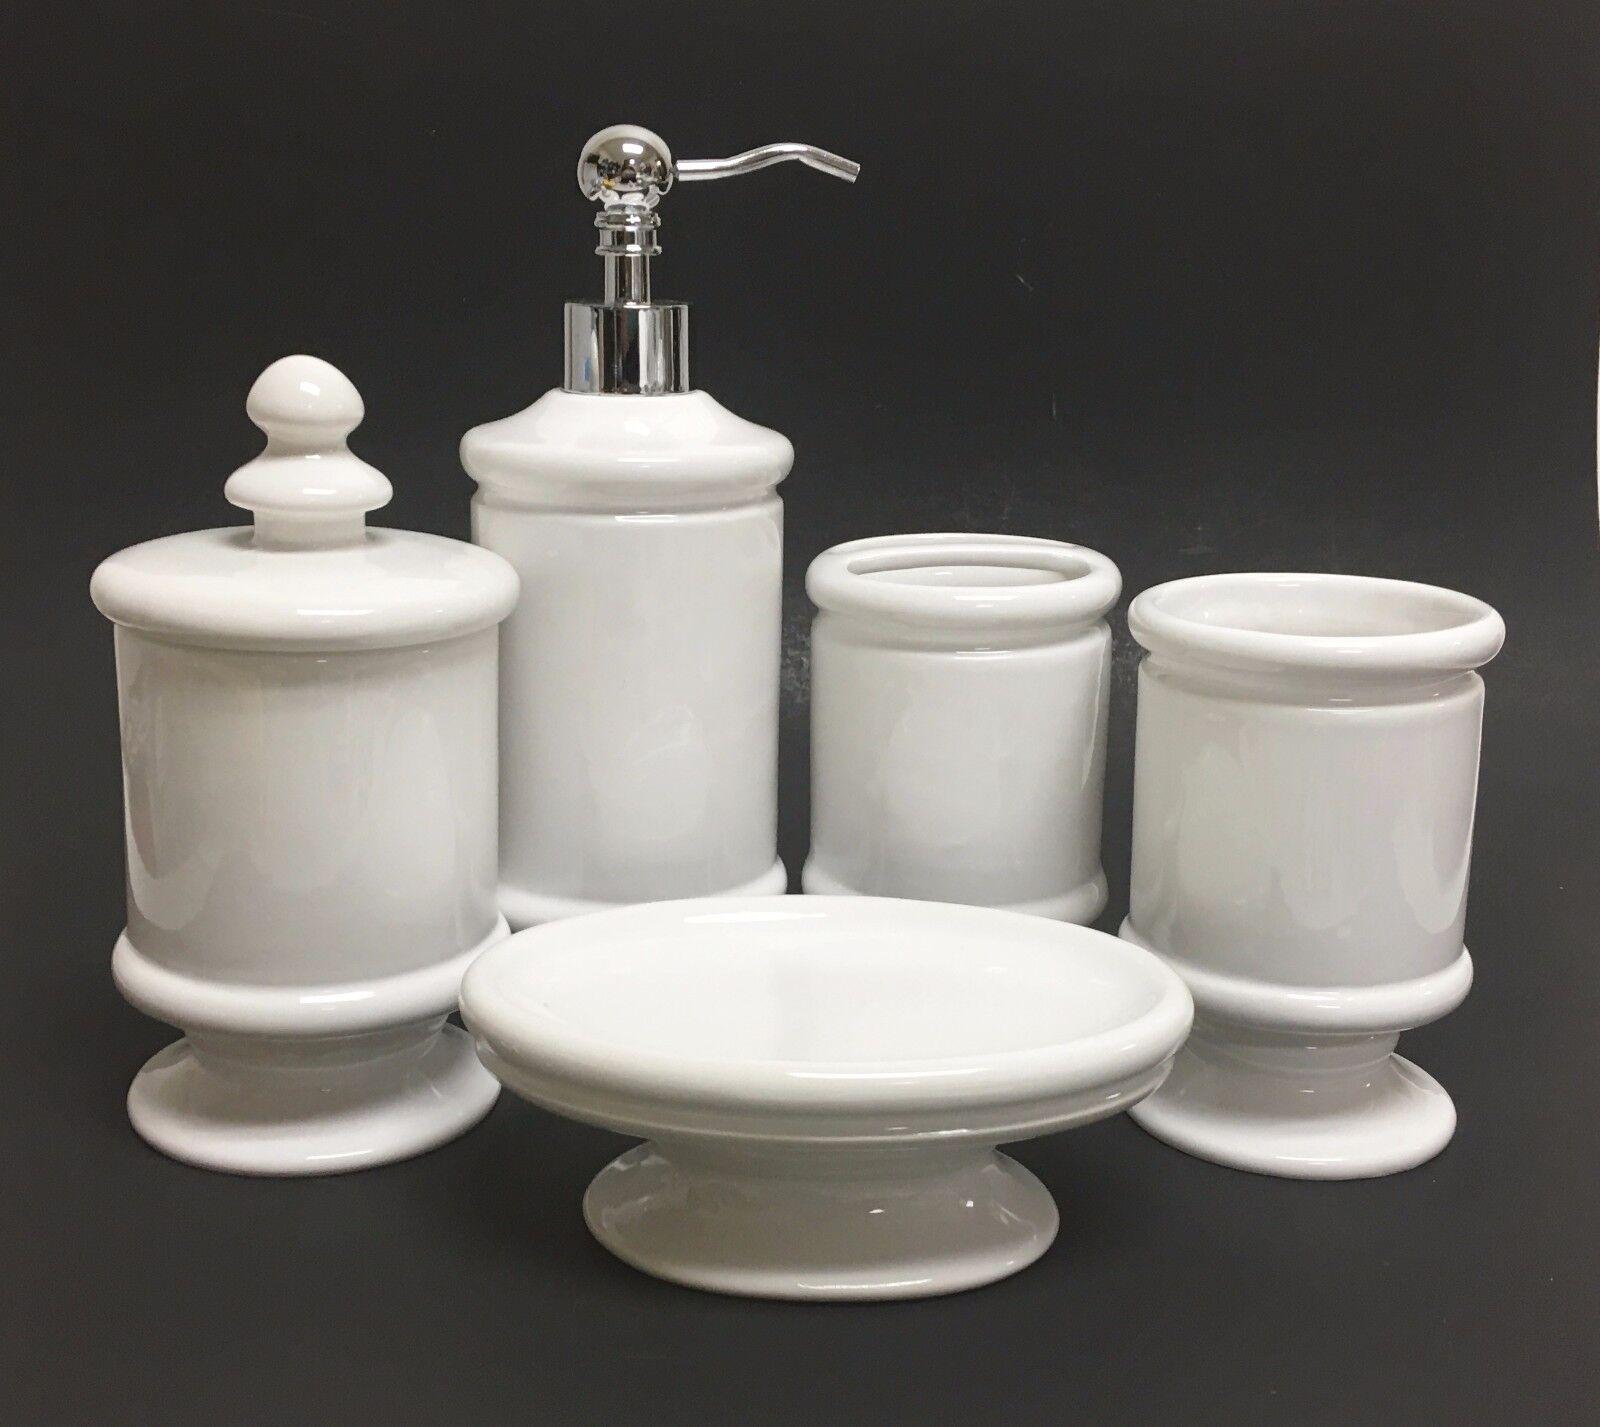 Neuf 5 Blanc Pièces Set Blanc 5 Céramique Distributeur de Savon  Porte Savon  Verre 3528f1